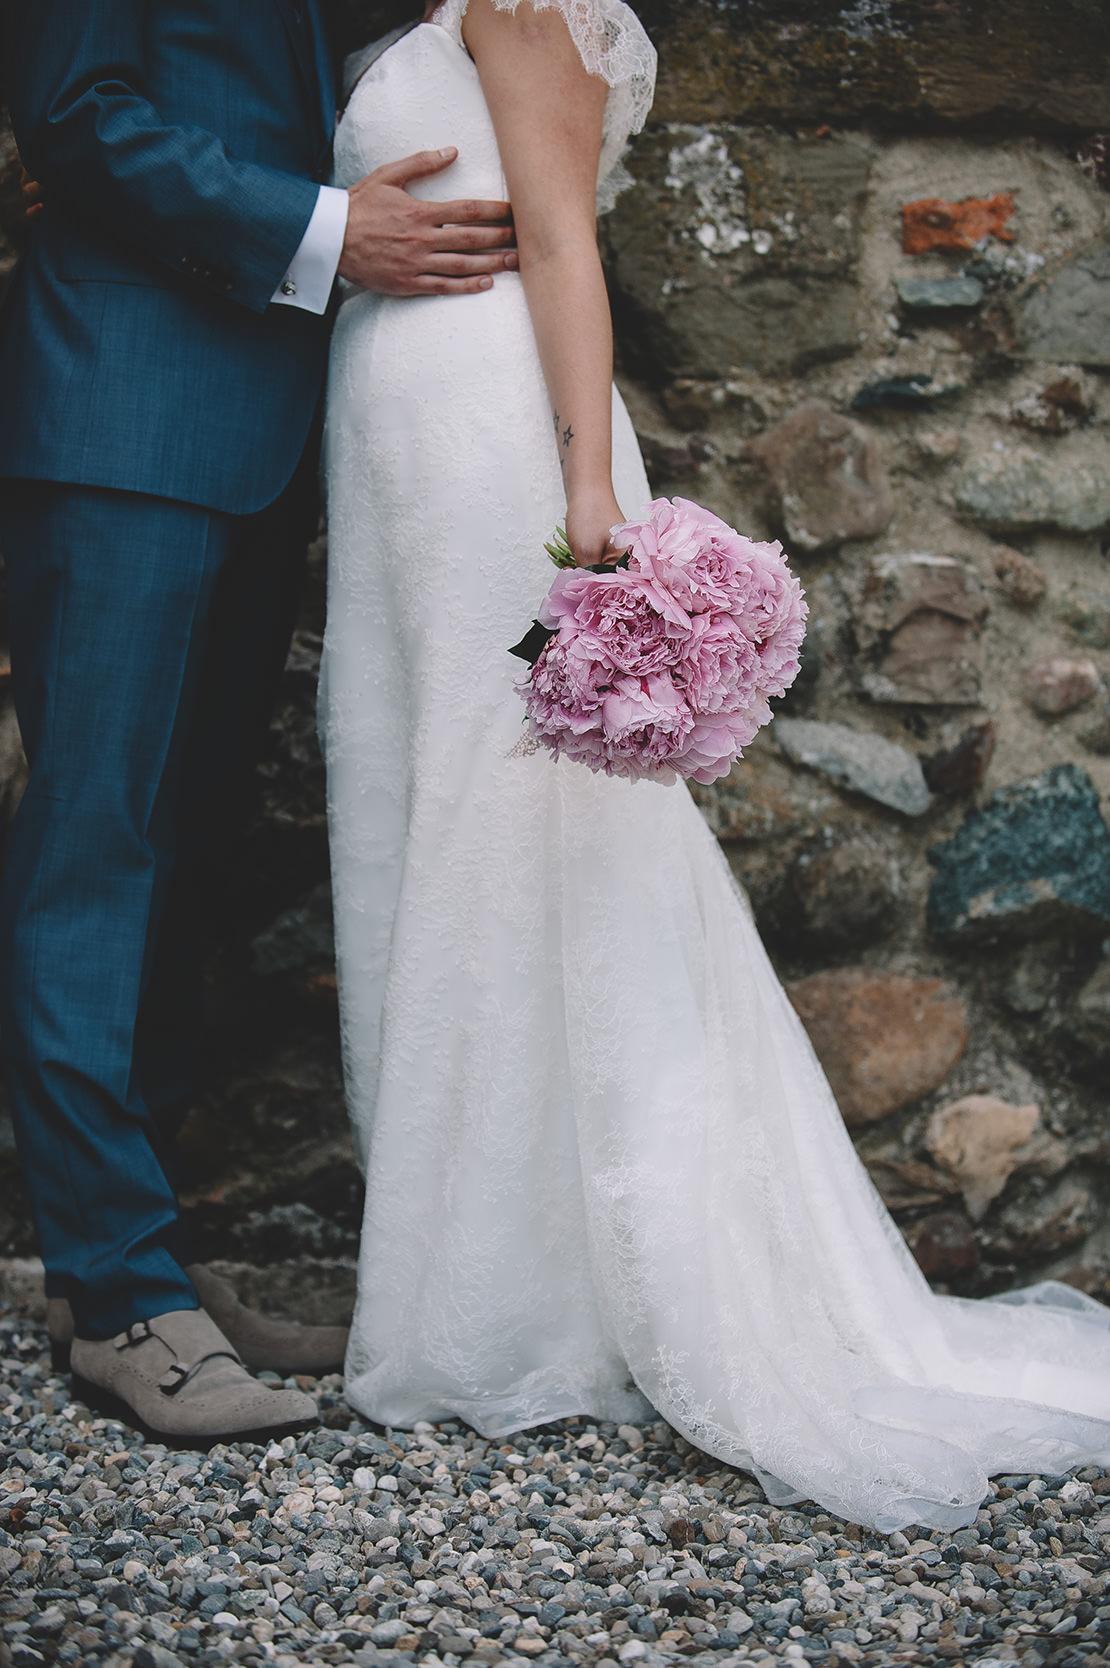 romantique-mariage-silvia&thomas-monika-breitenmoser-photographe-mariage-nyon (212)